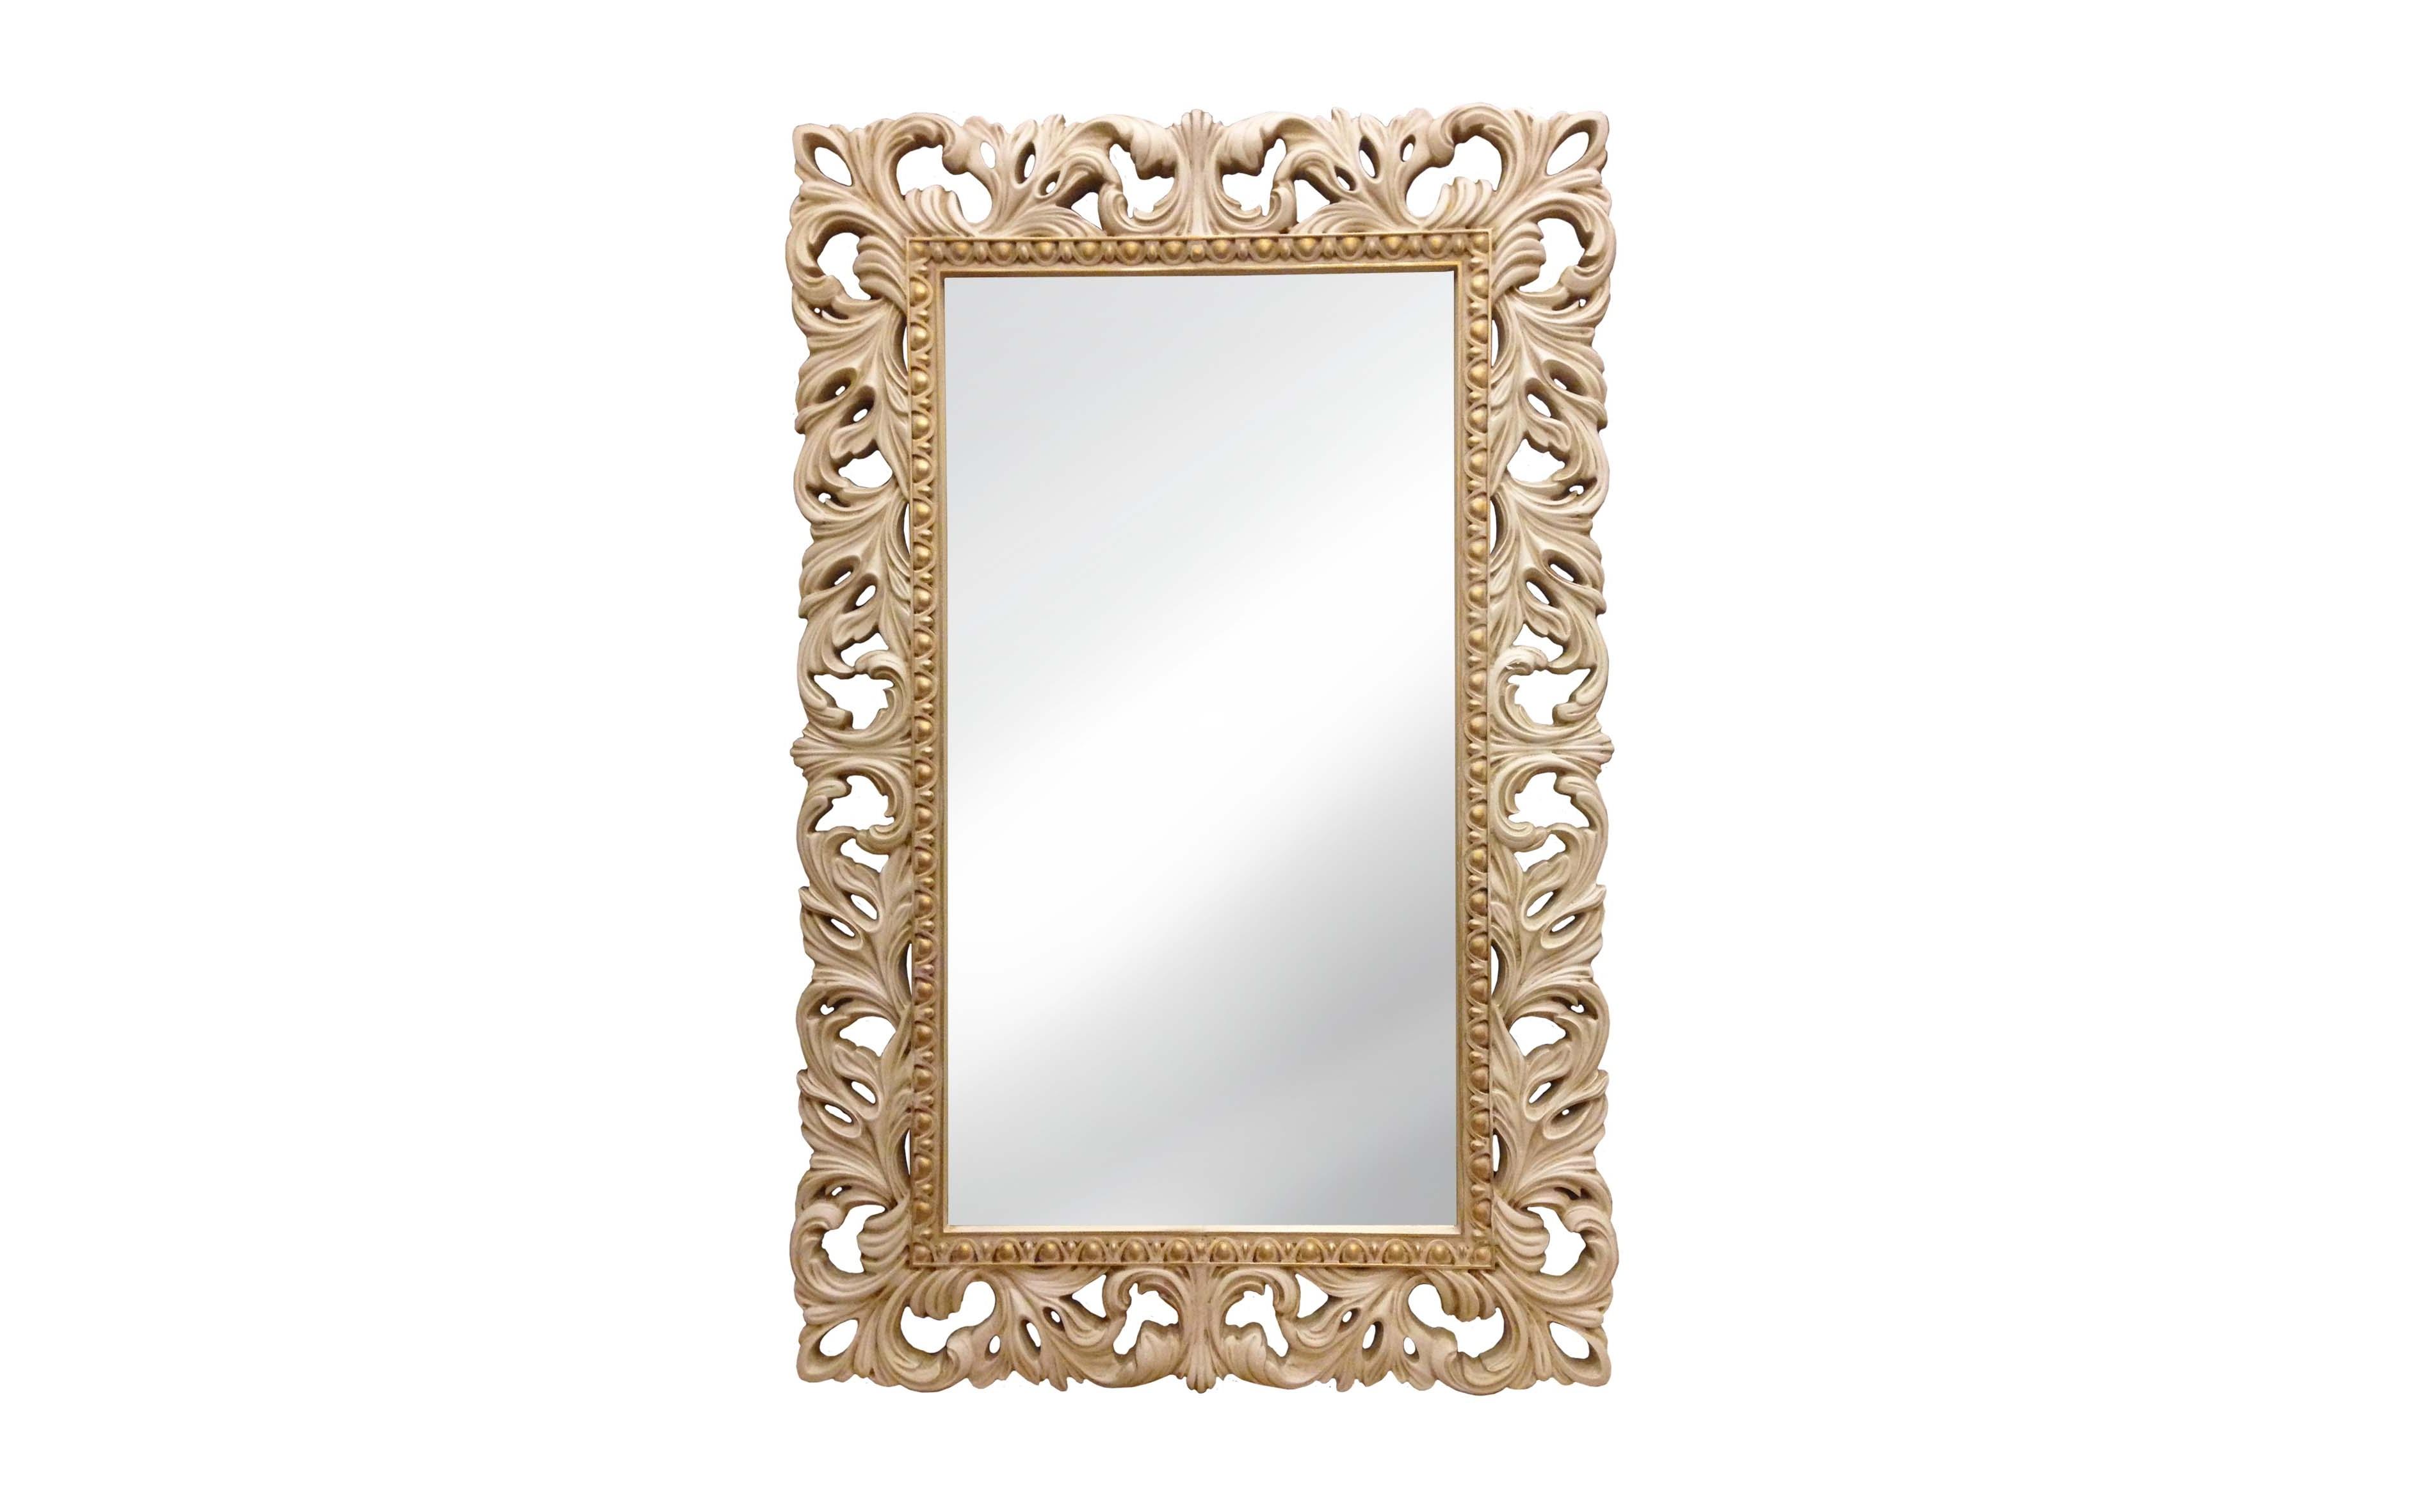 Зеркальный Шкаф в ваннуШкафчики для ванной<br>Зеркальный шкаф в ванну восхищает изысканностью узора и оригинальностью форм декоративных элементов, функционально и визуально расширяя пространство. Выполнен из влагостойких материалов.&amp;amp;nbsp;&amp;lt;br&amp;gt;&amp;lt;div&amp;gt;Рекомендации по уходу: Бережная, влажная уборка. Запрещ&amp;lt;span style=&amp;quot;line-height: 1.78571;&amp;quot;&amp;gt;ается использование любых растворителей.&amp;amp;nbsp;&amp;lt;/span&amp;gt;&amp;lt;/div&amp;gt;&amp;lt;div&amp;gt;Время производства единицы продукции может составлять до 10 рабочих дней.&amp;lt;/div&amp;gt;&amp;lt;div&amp;gt;Цвет:&amp;amp;nbsp;Слоновая кость Золото Патина&amp;lt;/div&amp;gt;<br><br>Material: Полиуретан<br>Width см: 63<br>Depth см: 15<br>Height см: 95